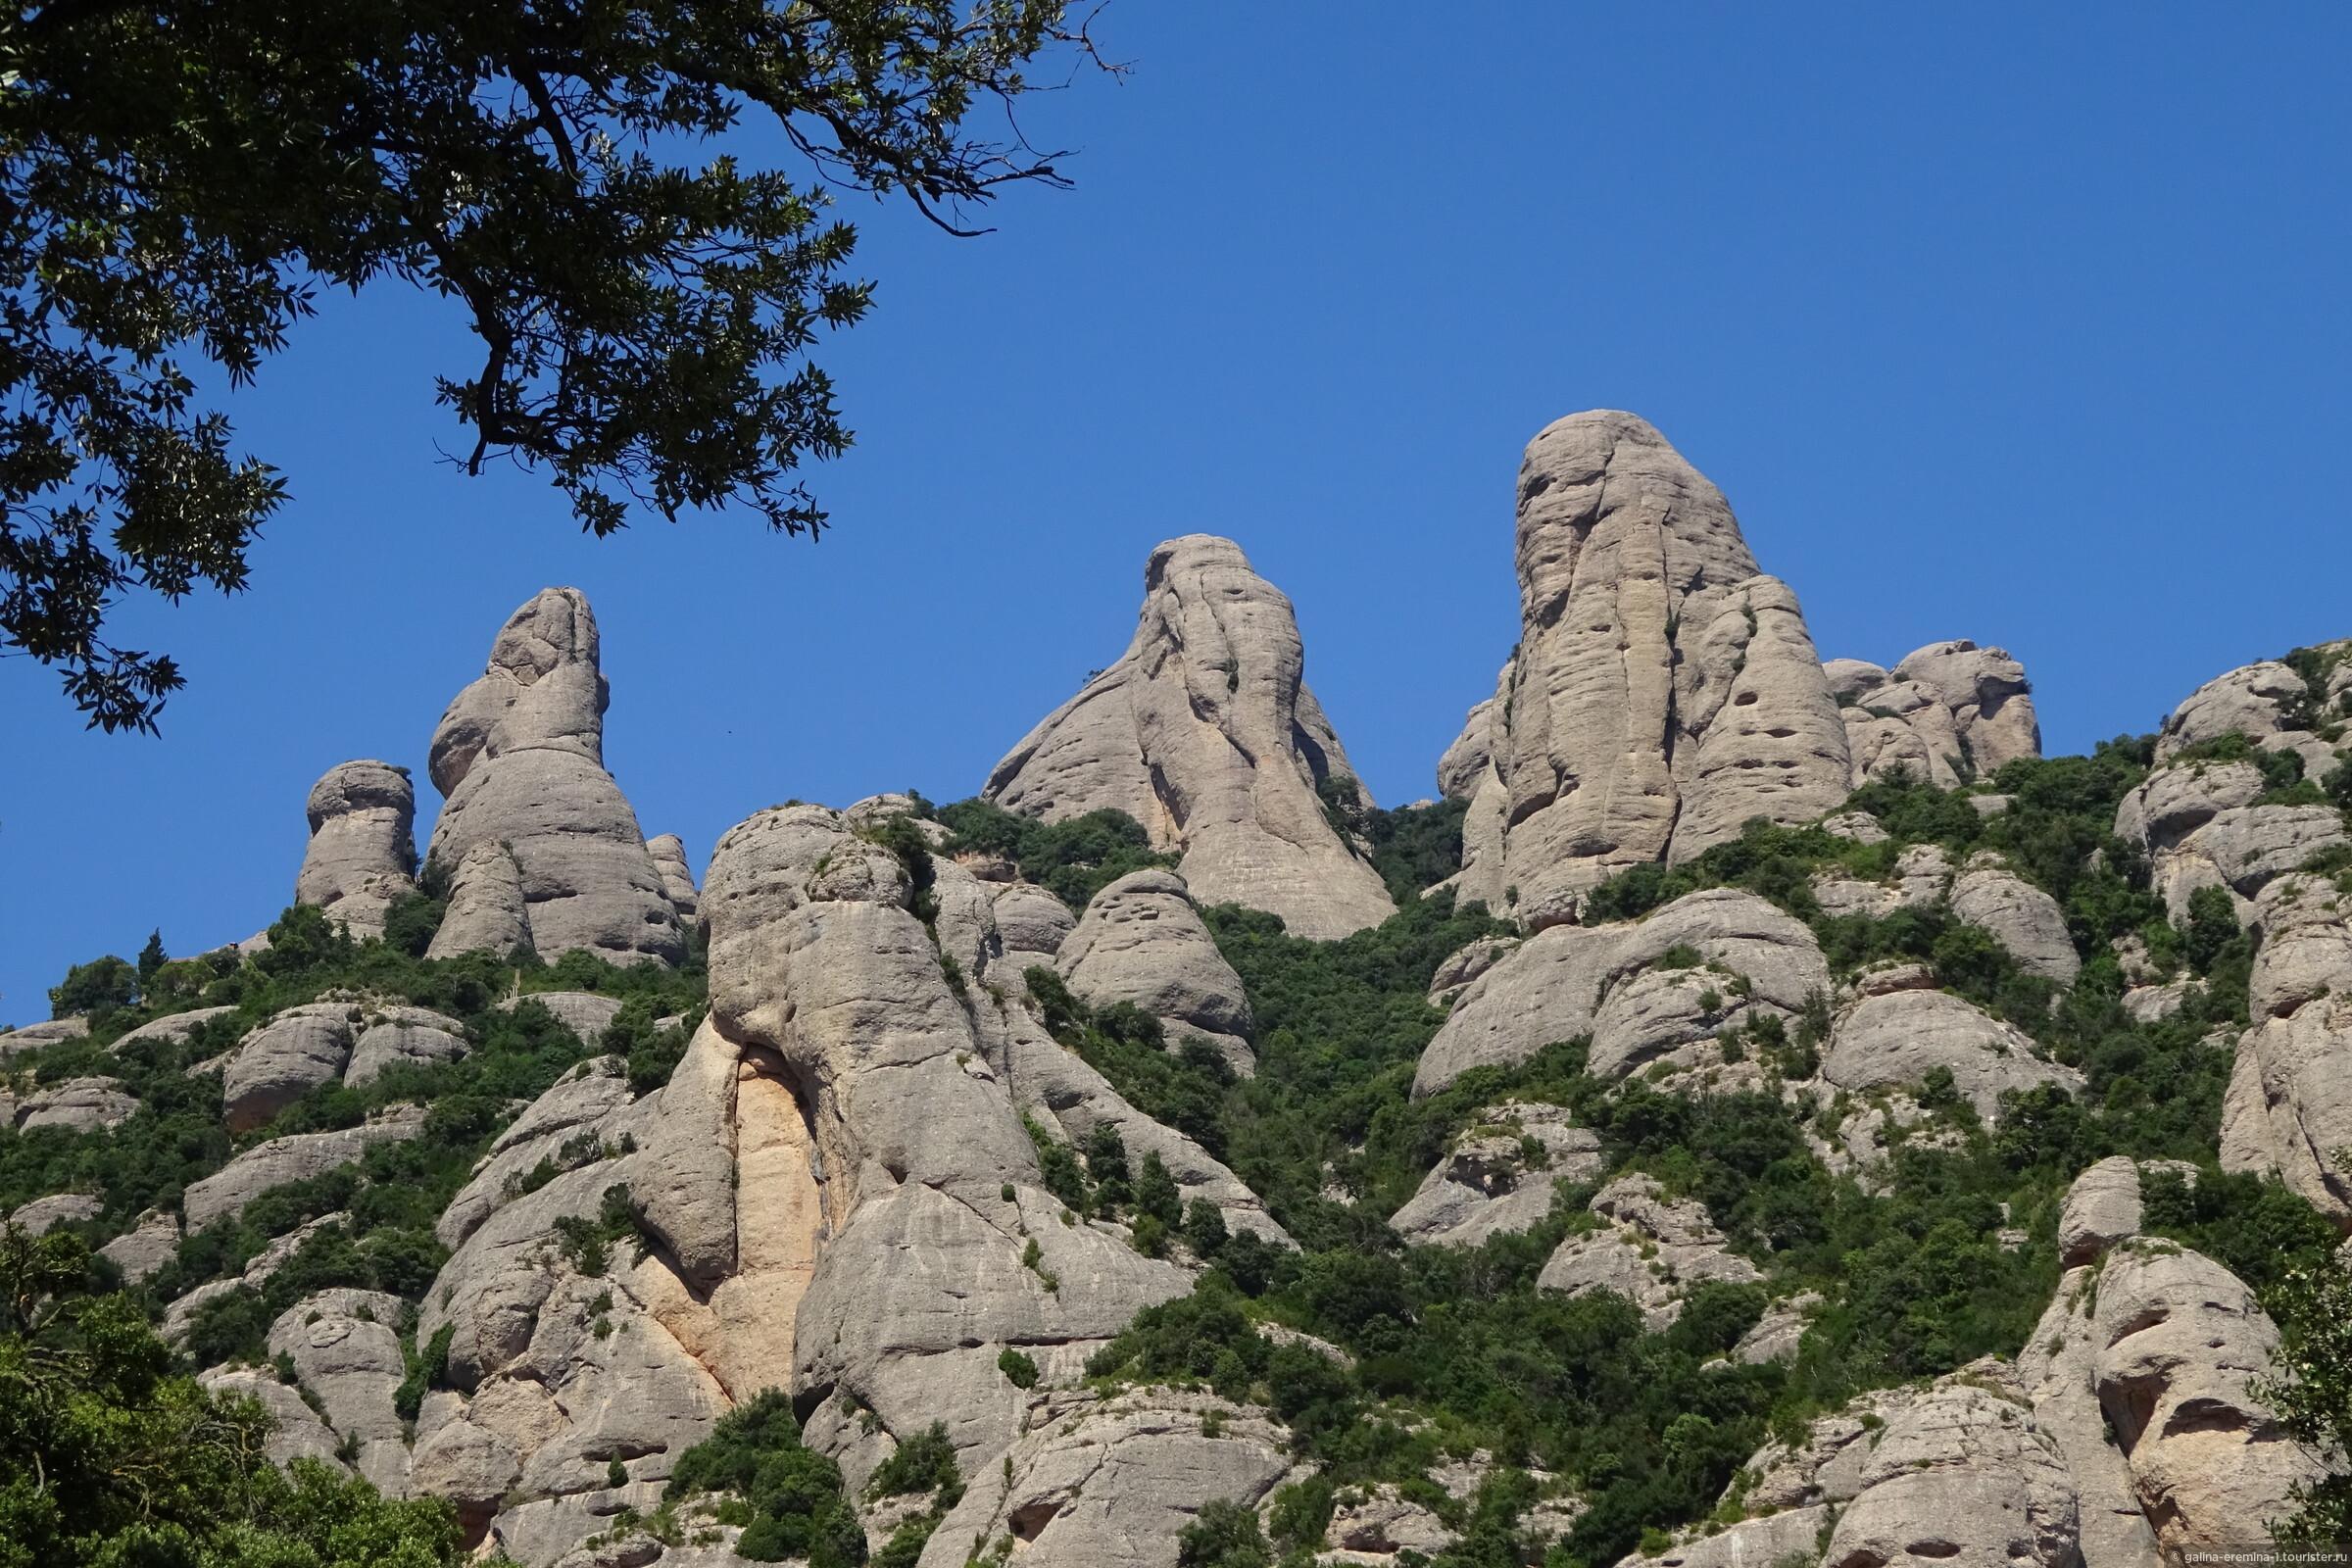 Hola Cataluña! Часть 3-я: экскурсионная. Гора Монсеррат